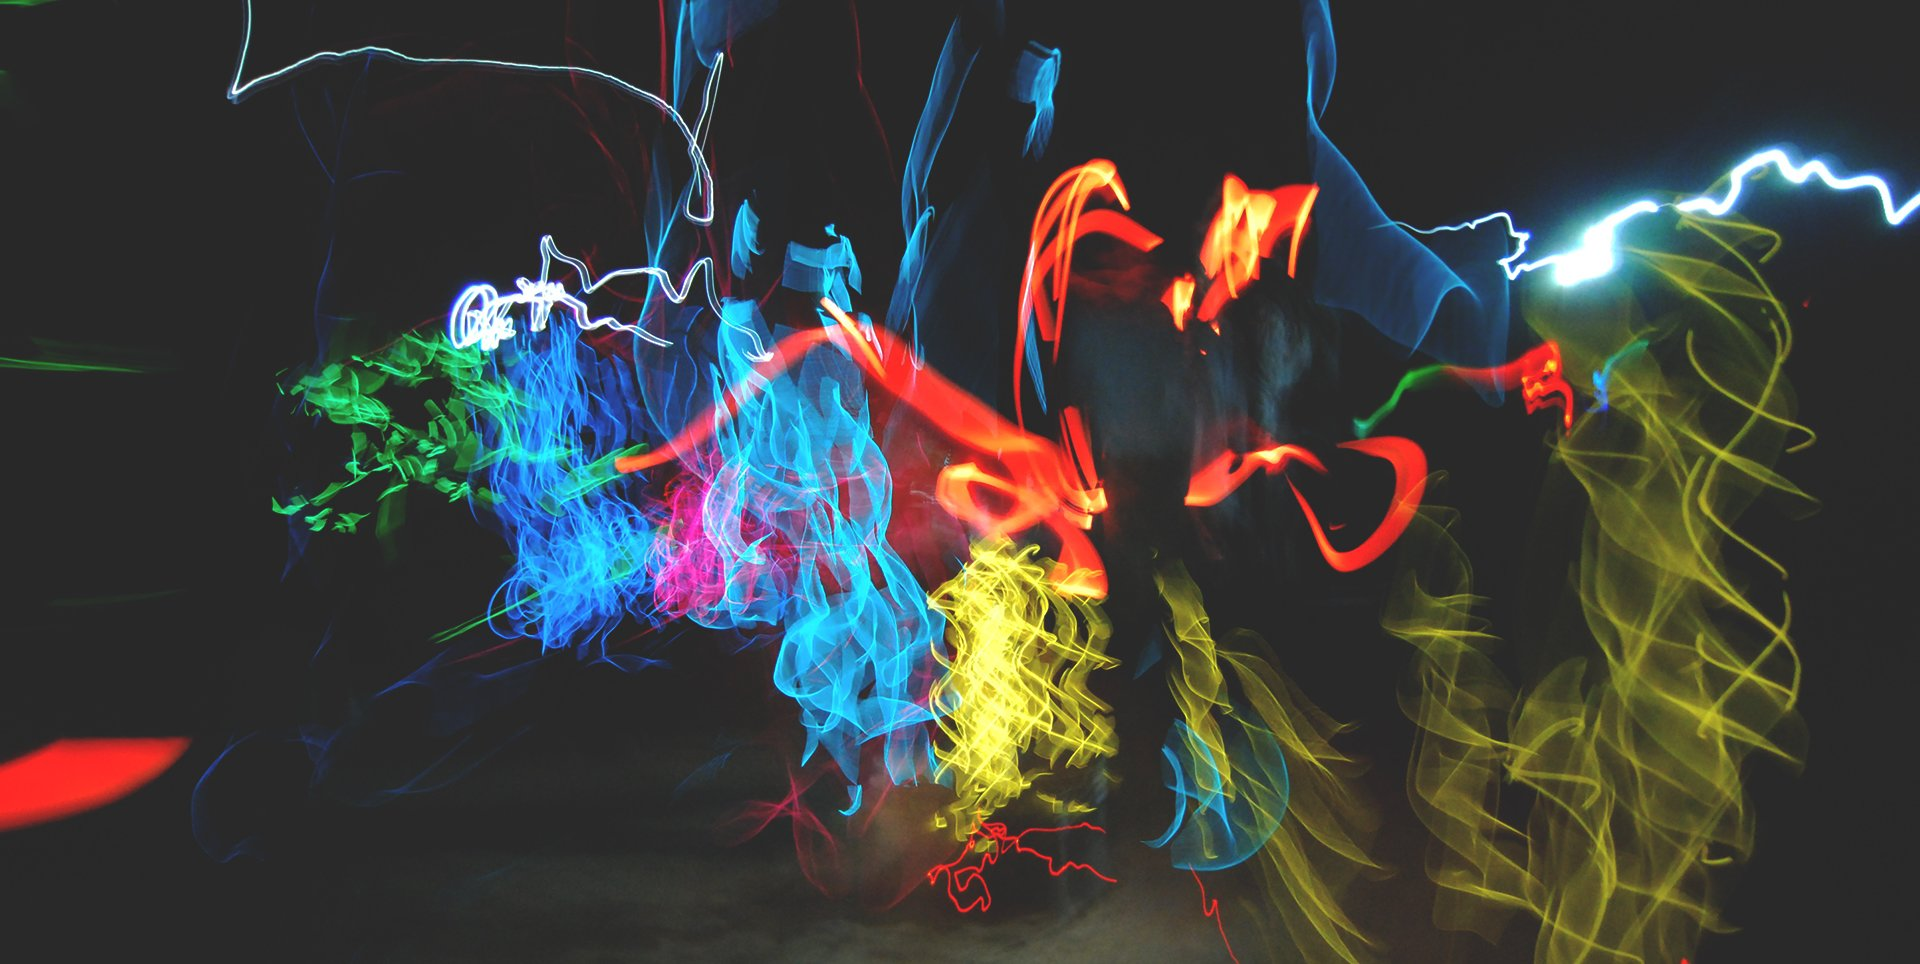 taniec zdjęcie Źródło: licencja: CC 0.